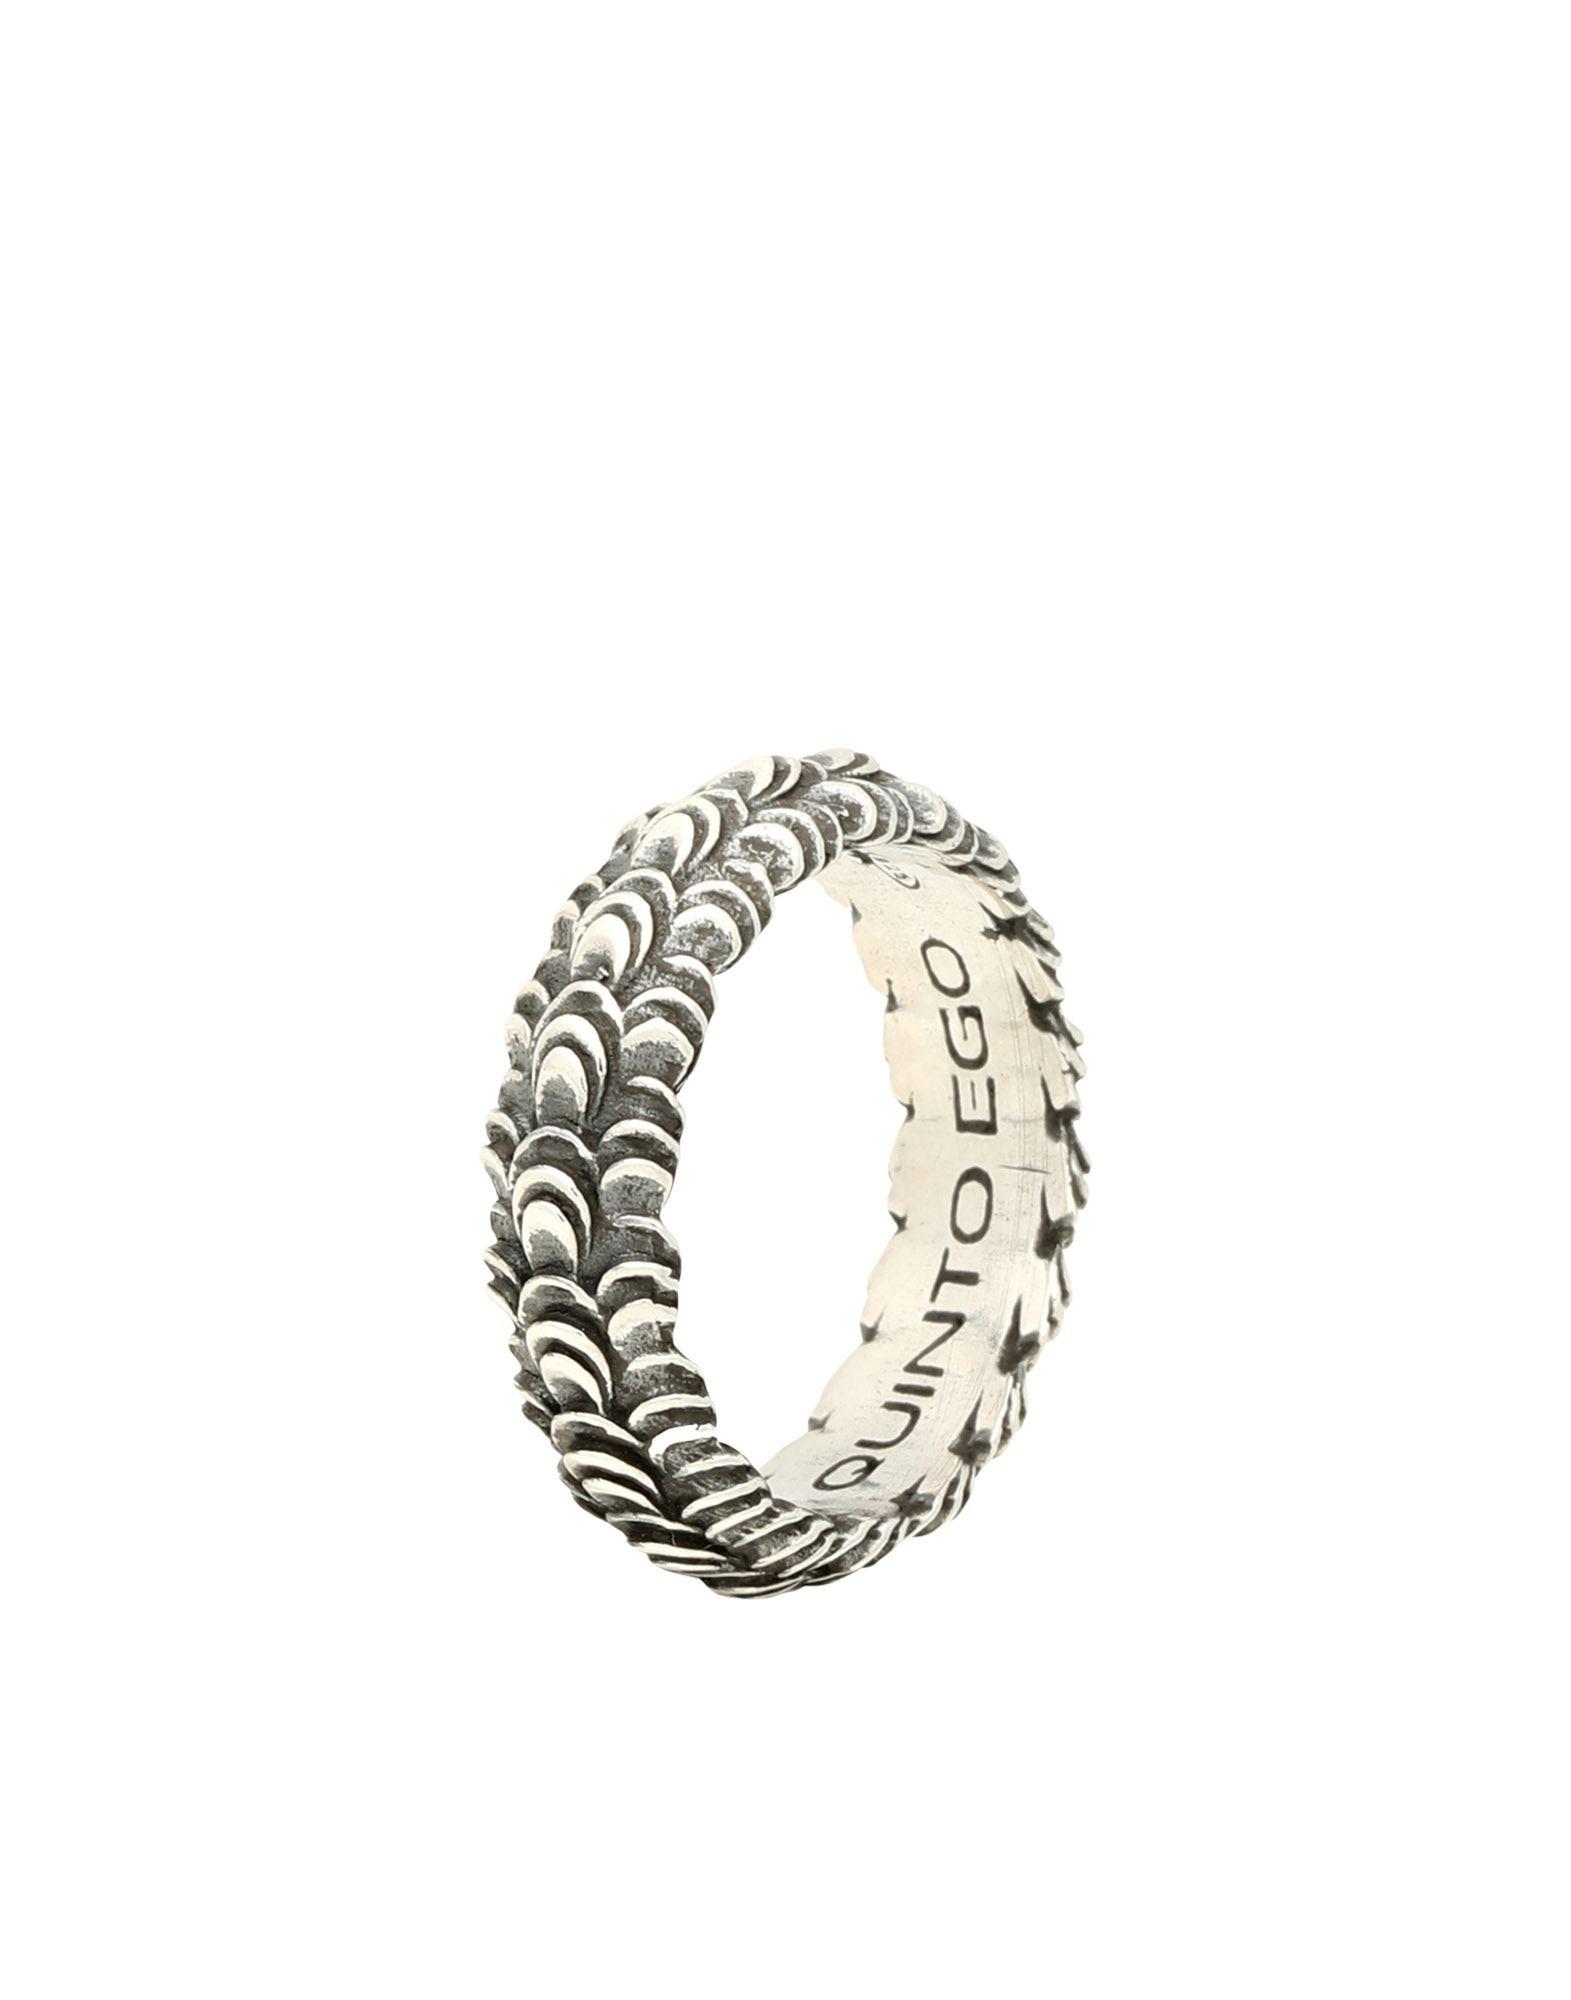 《セール開催中》FIRST PEOPLE FIRST レディース 指輪 鉛色 15 シルバー925/1000 FEDE VANTO